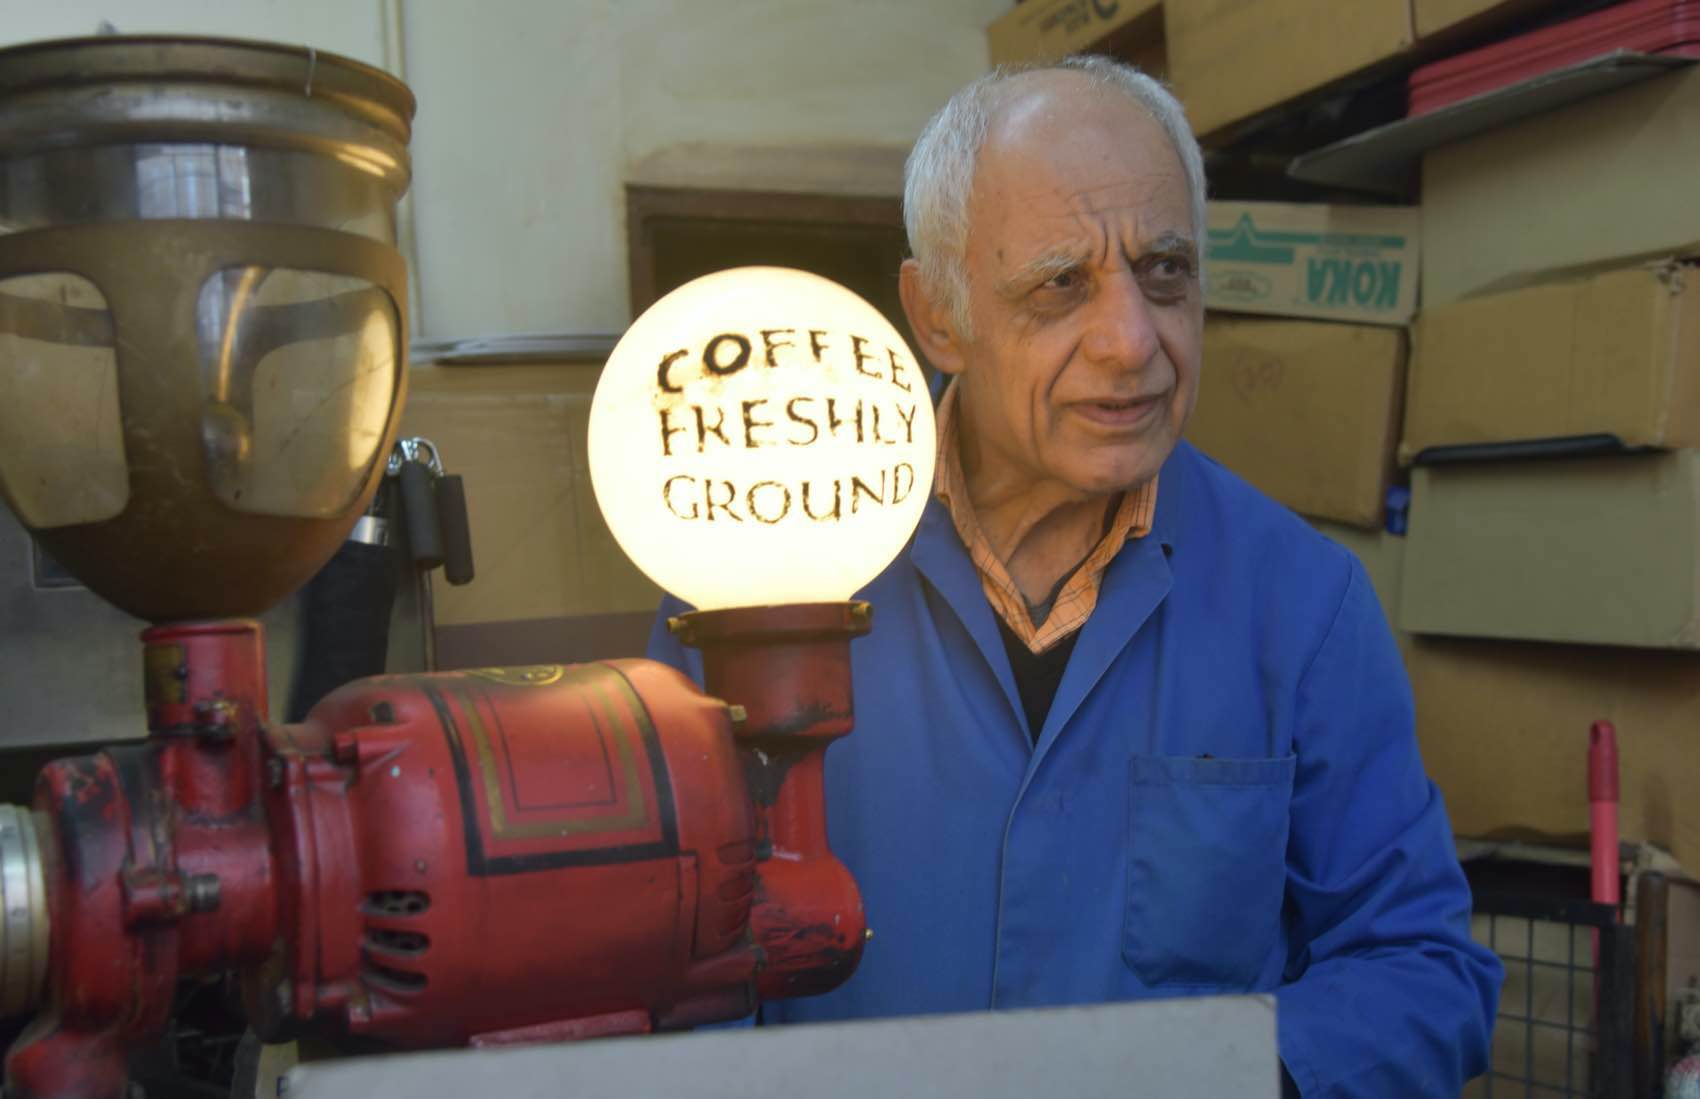 Følg duften av mørk Santos til Camden Coffee Shop